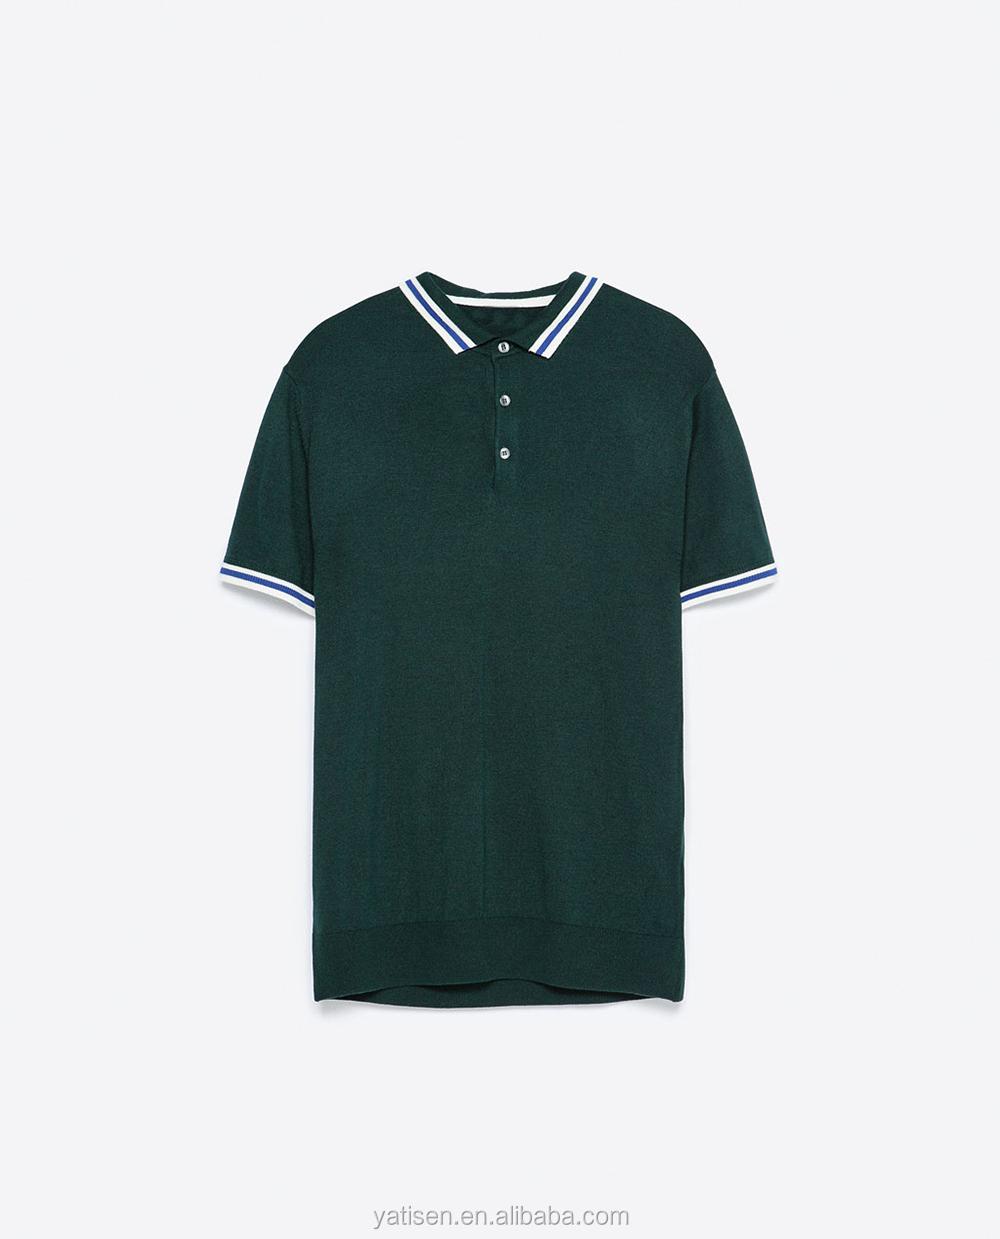 8e5ac5cb7 Atacado Contrasting piping polo camisas com três botões de fixação cor lisa polo  verde escuro